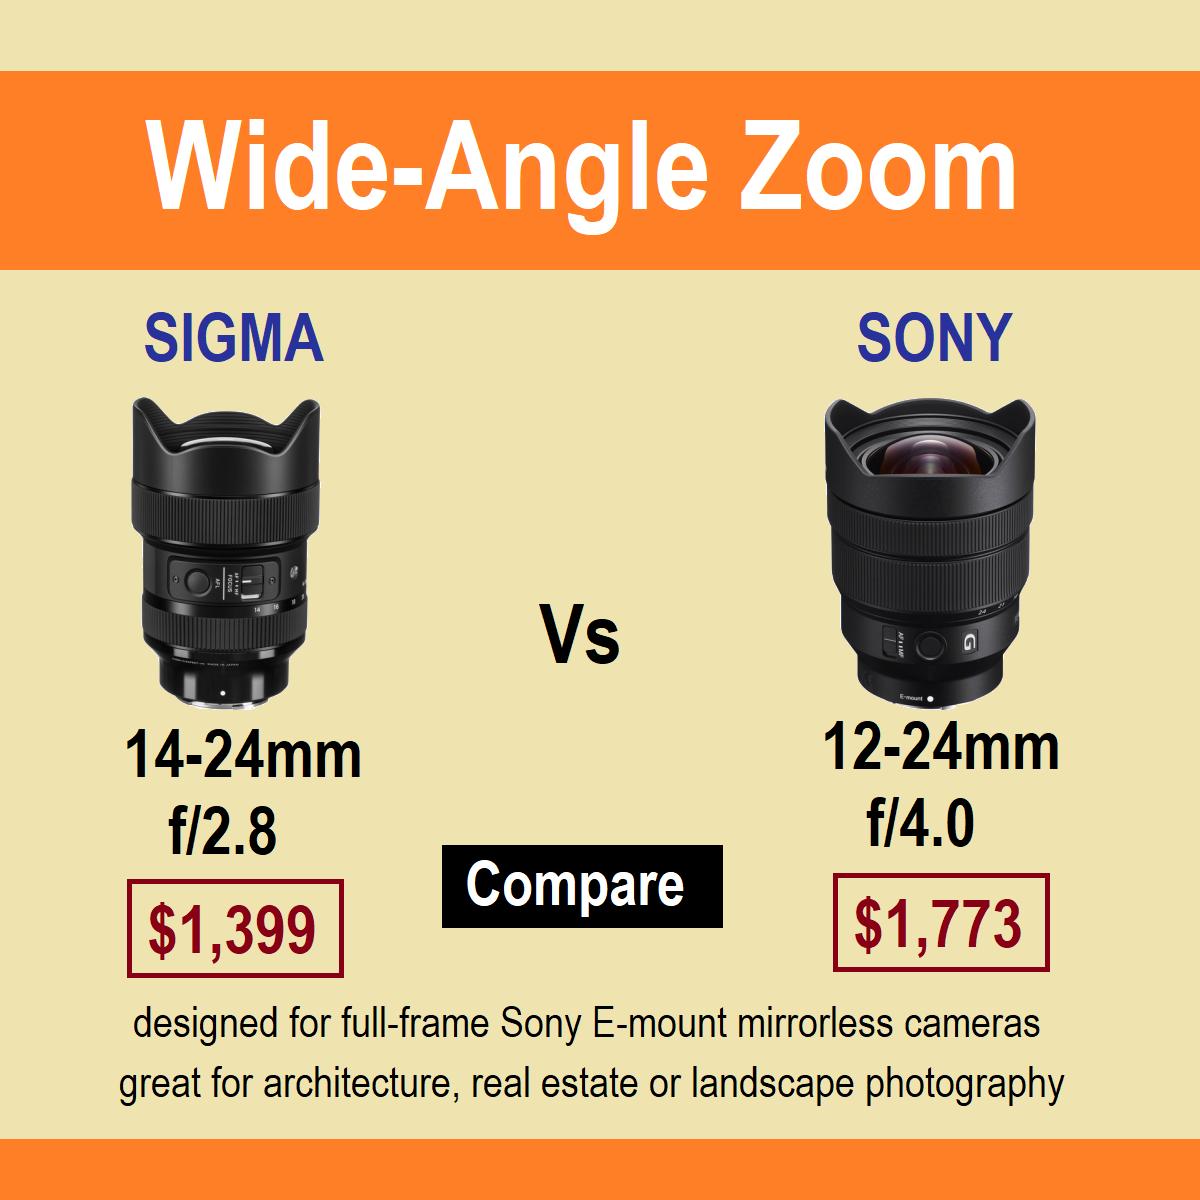 Sigma 14 24 Vs Sony 12 24 Mirrorless Camera Art Lens Sony E Mount